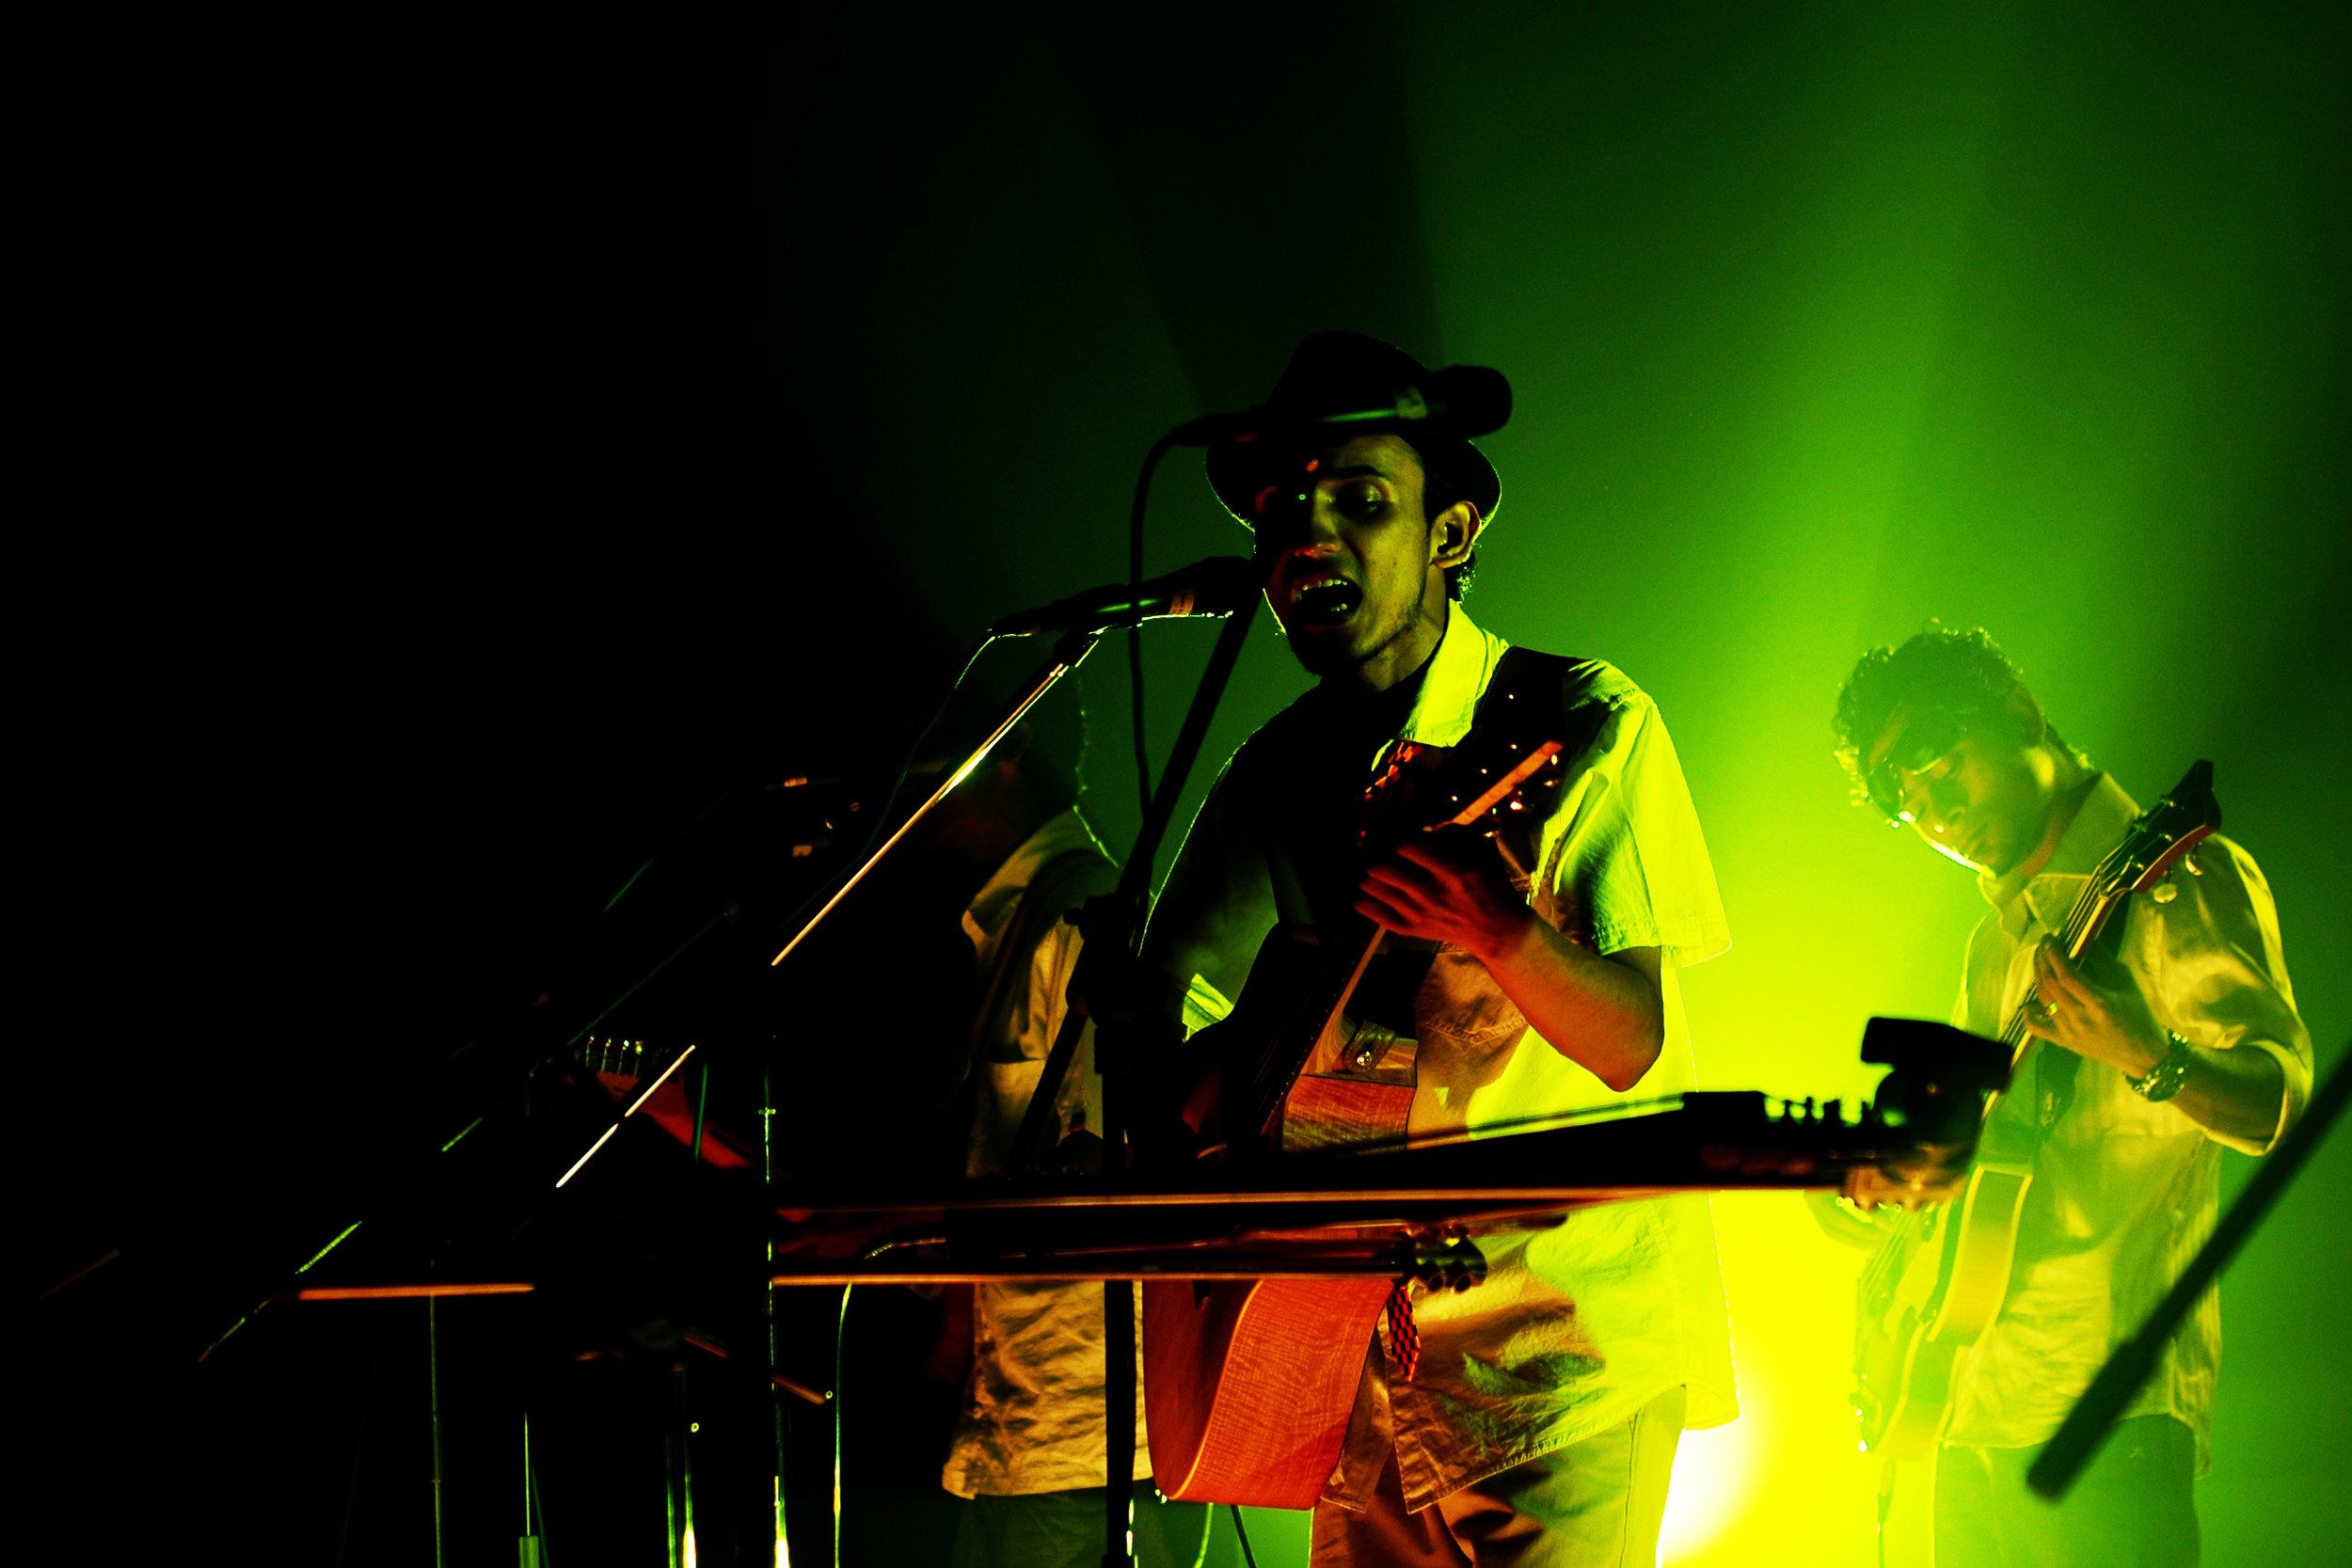 2009-08-19 - Male' City - Dharubaaruge' - Eku Ekee Album Launch - D70s-7843.jpg